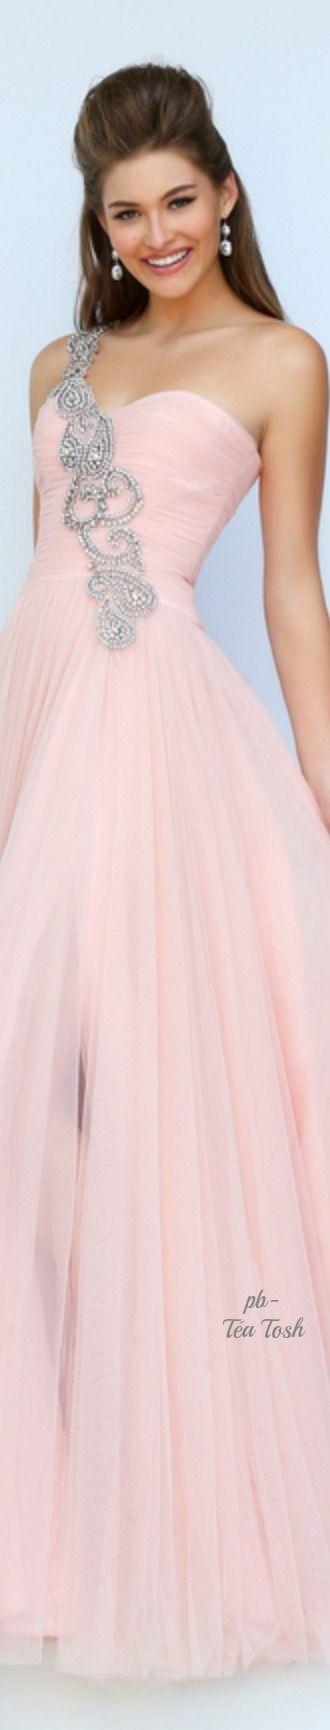 49 besten sherri hill Bilder auf Pinterest | Abendkleid, Schöne ...